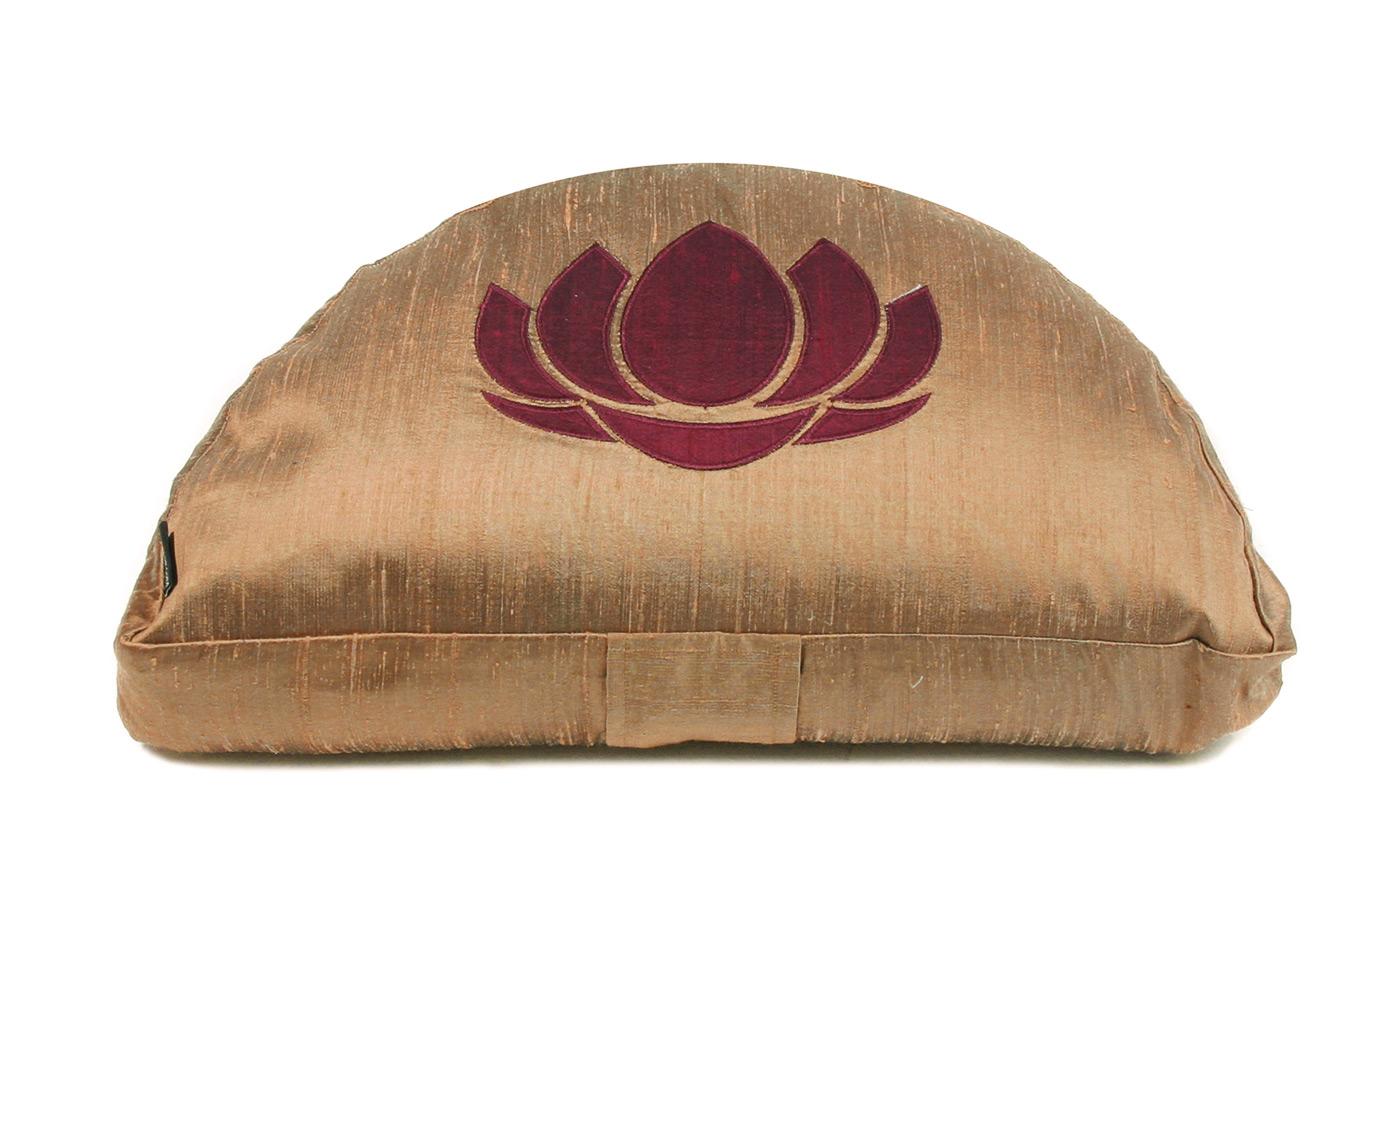 2. Wahl Meditationskissen - Halbmond - goldbraun - Lotus